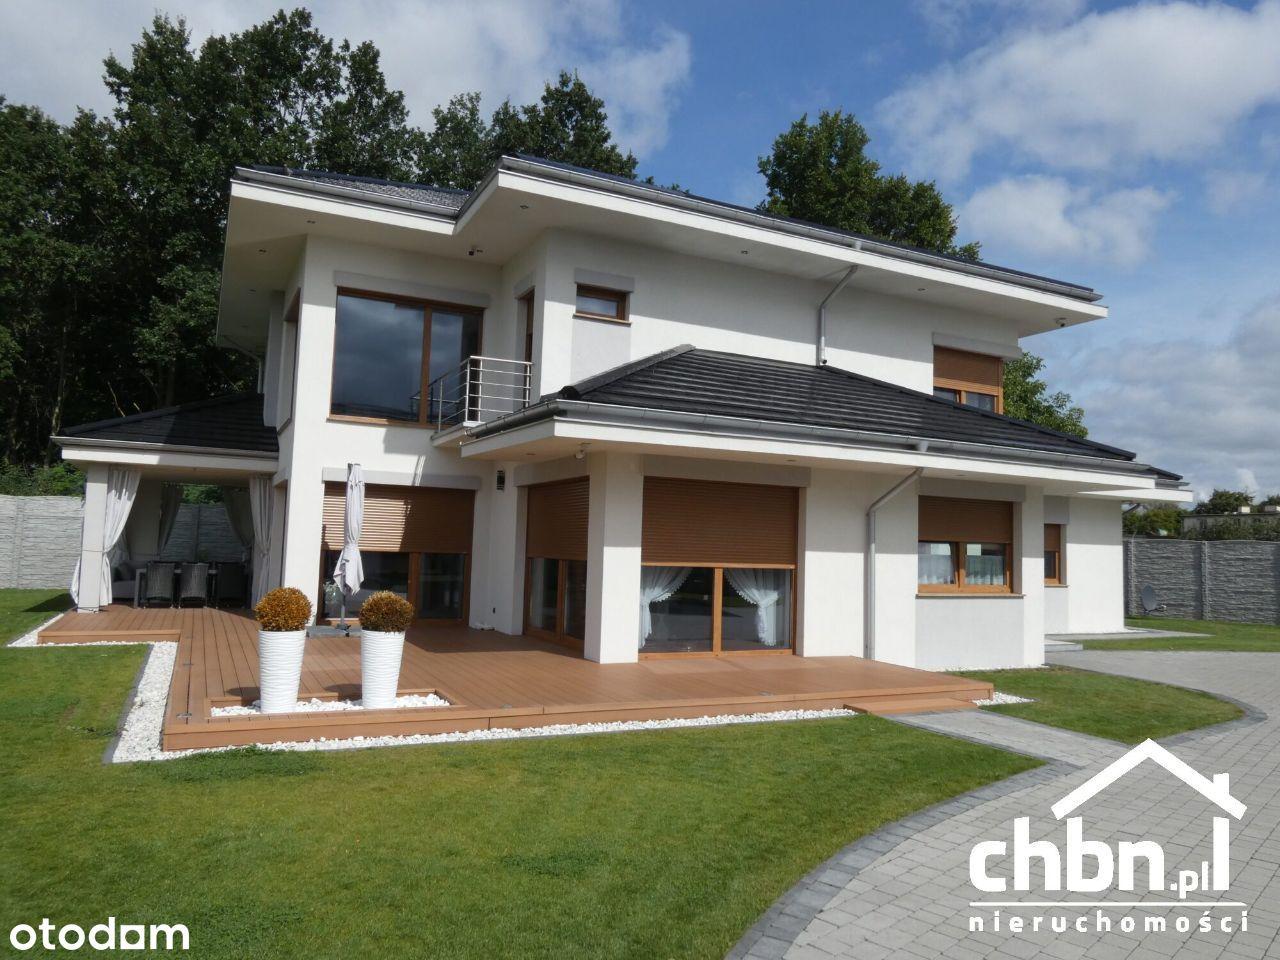 Luksusowy dom na miarę marzeń !!